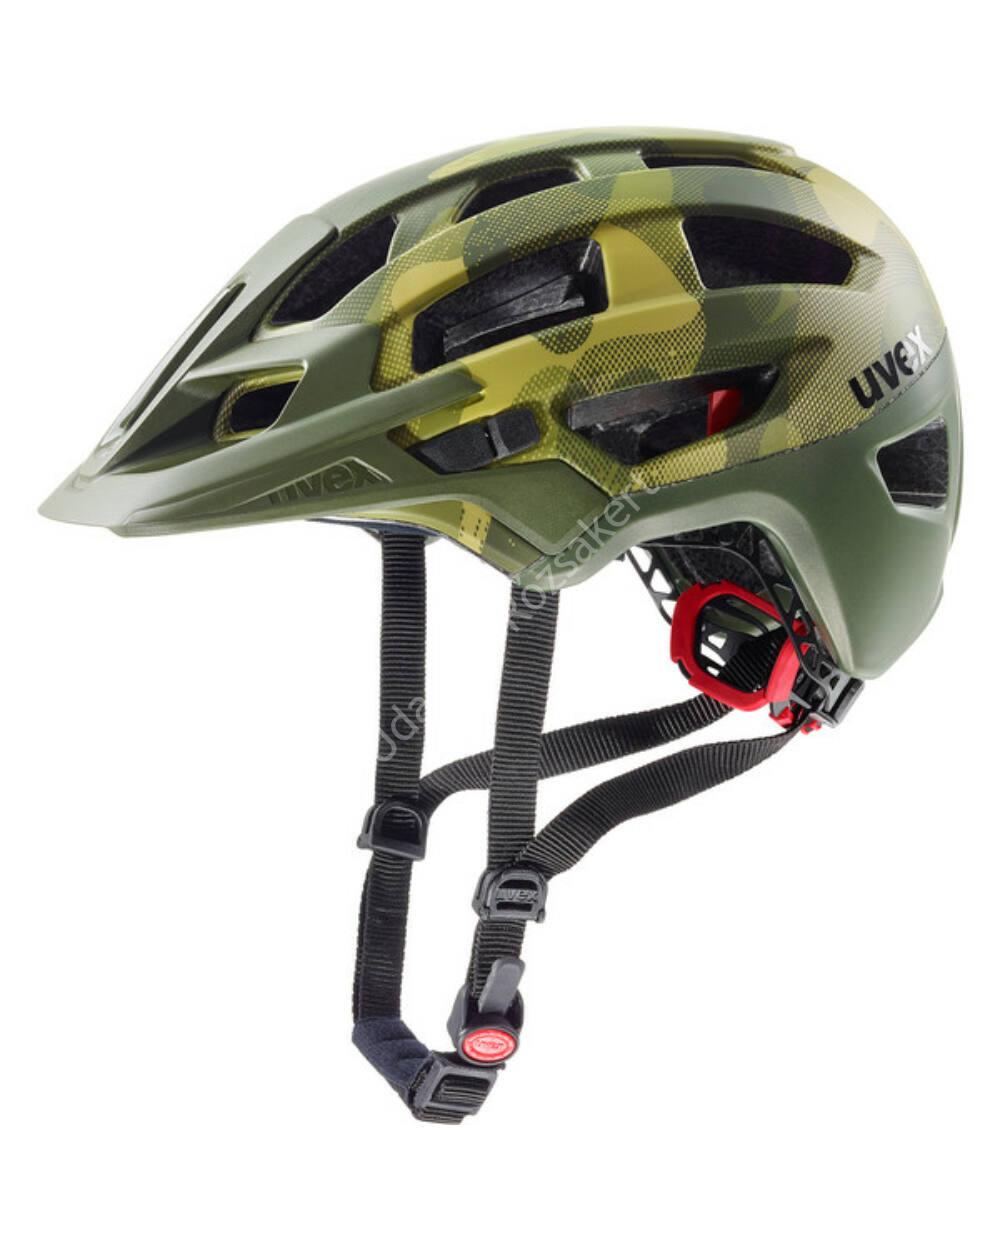 Uvex Finale 2.0 kerékpáros bukósisak, camouflage mat, 52-57 cm